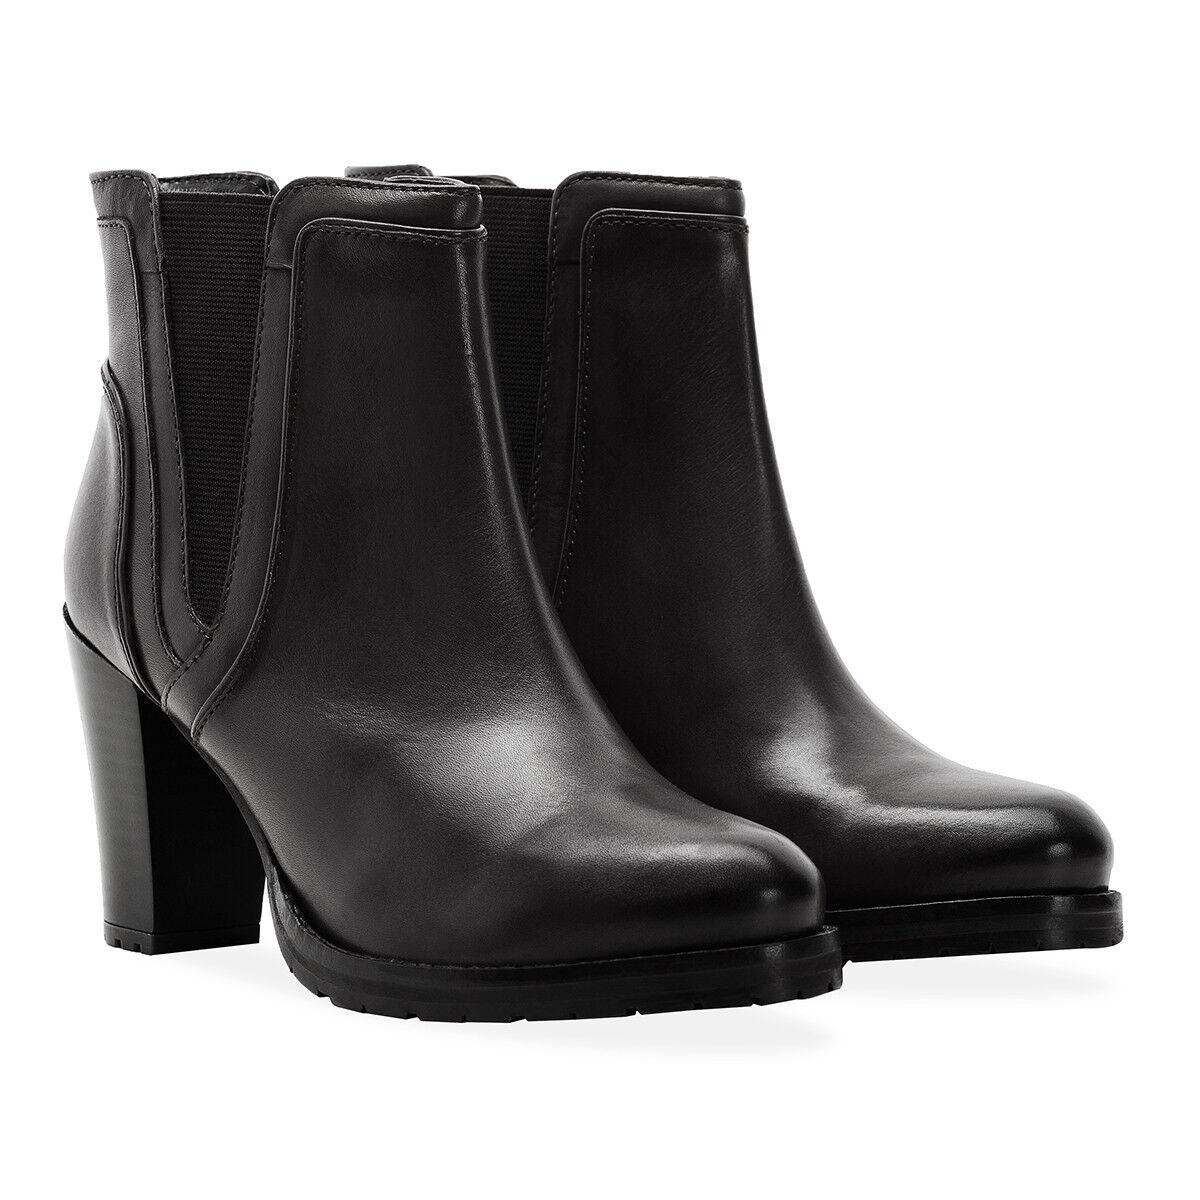 Redfoot Damas De Cuero Negro Clásico Botas De Tacón Alto Harriet /euro 42